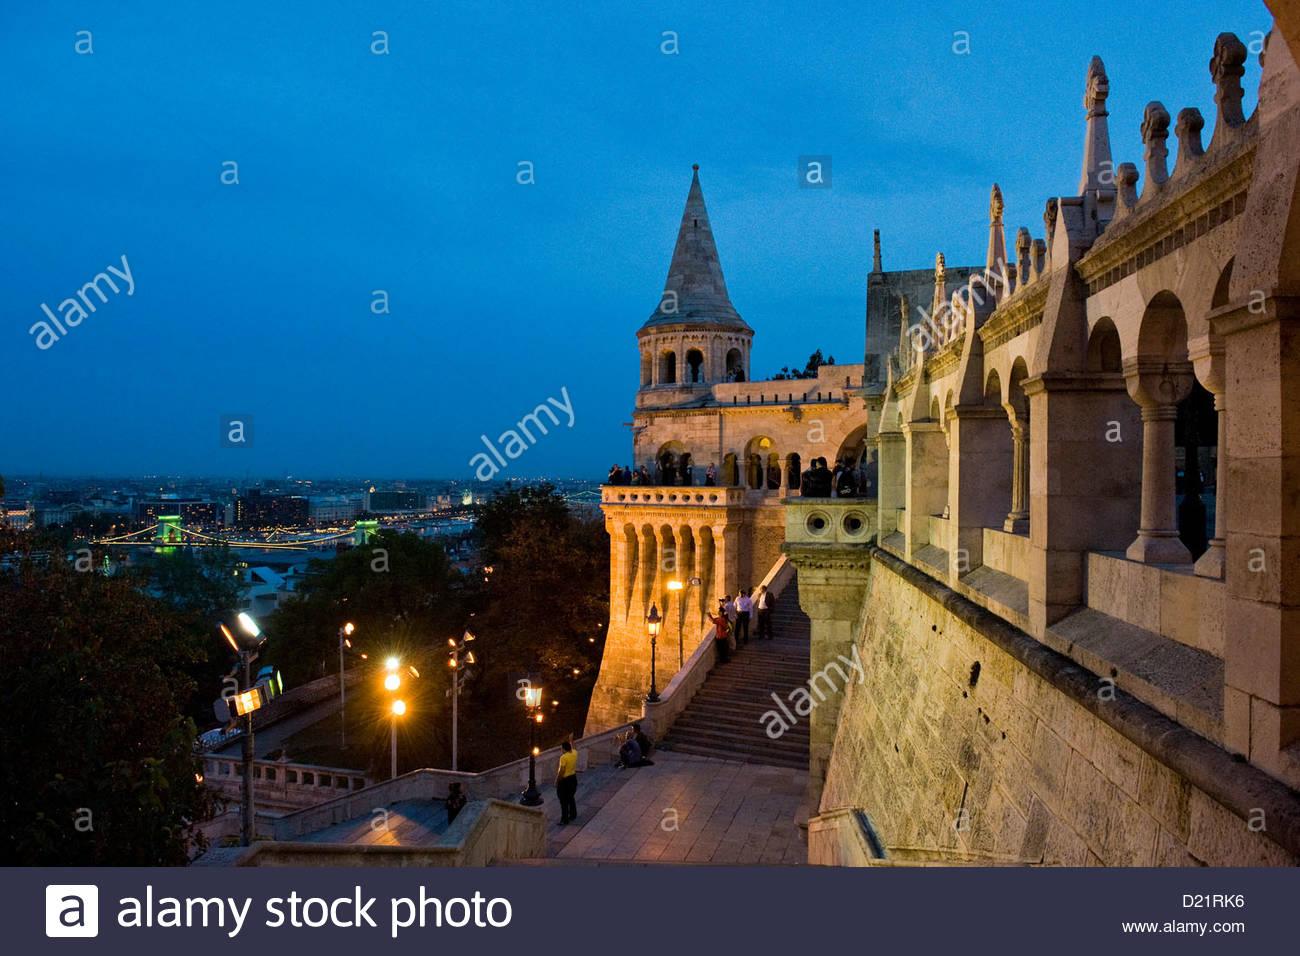 Hungary,Budapest,Fishermen's bastion - Stock Image